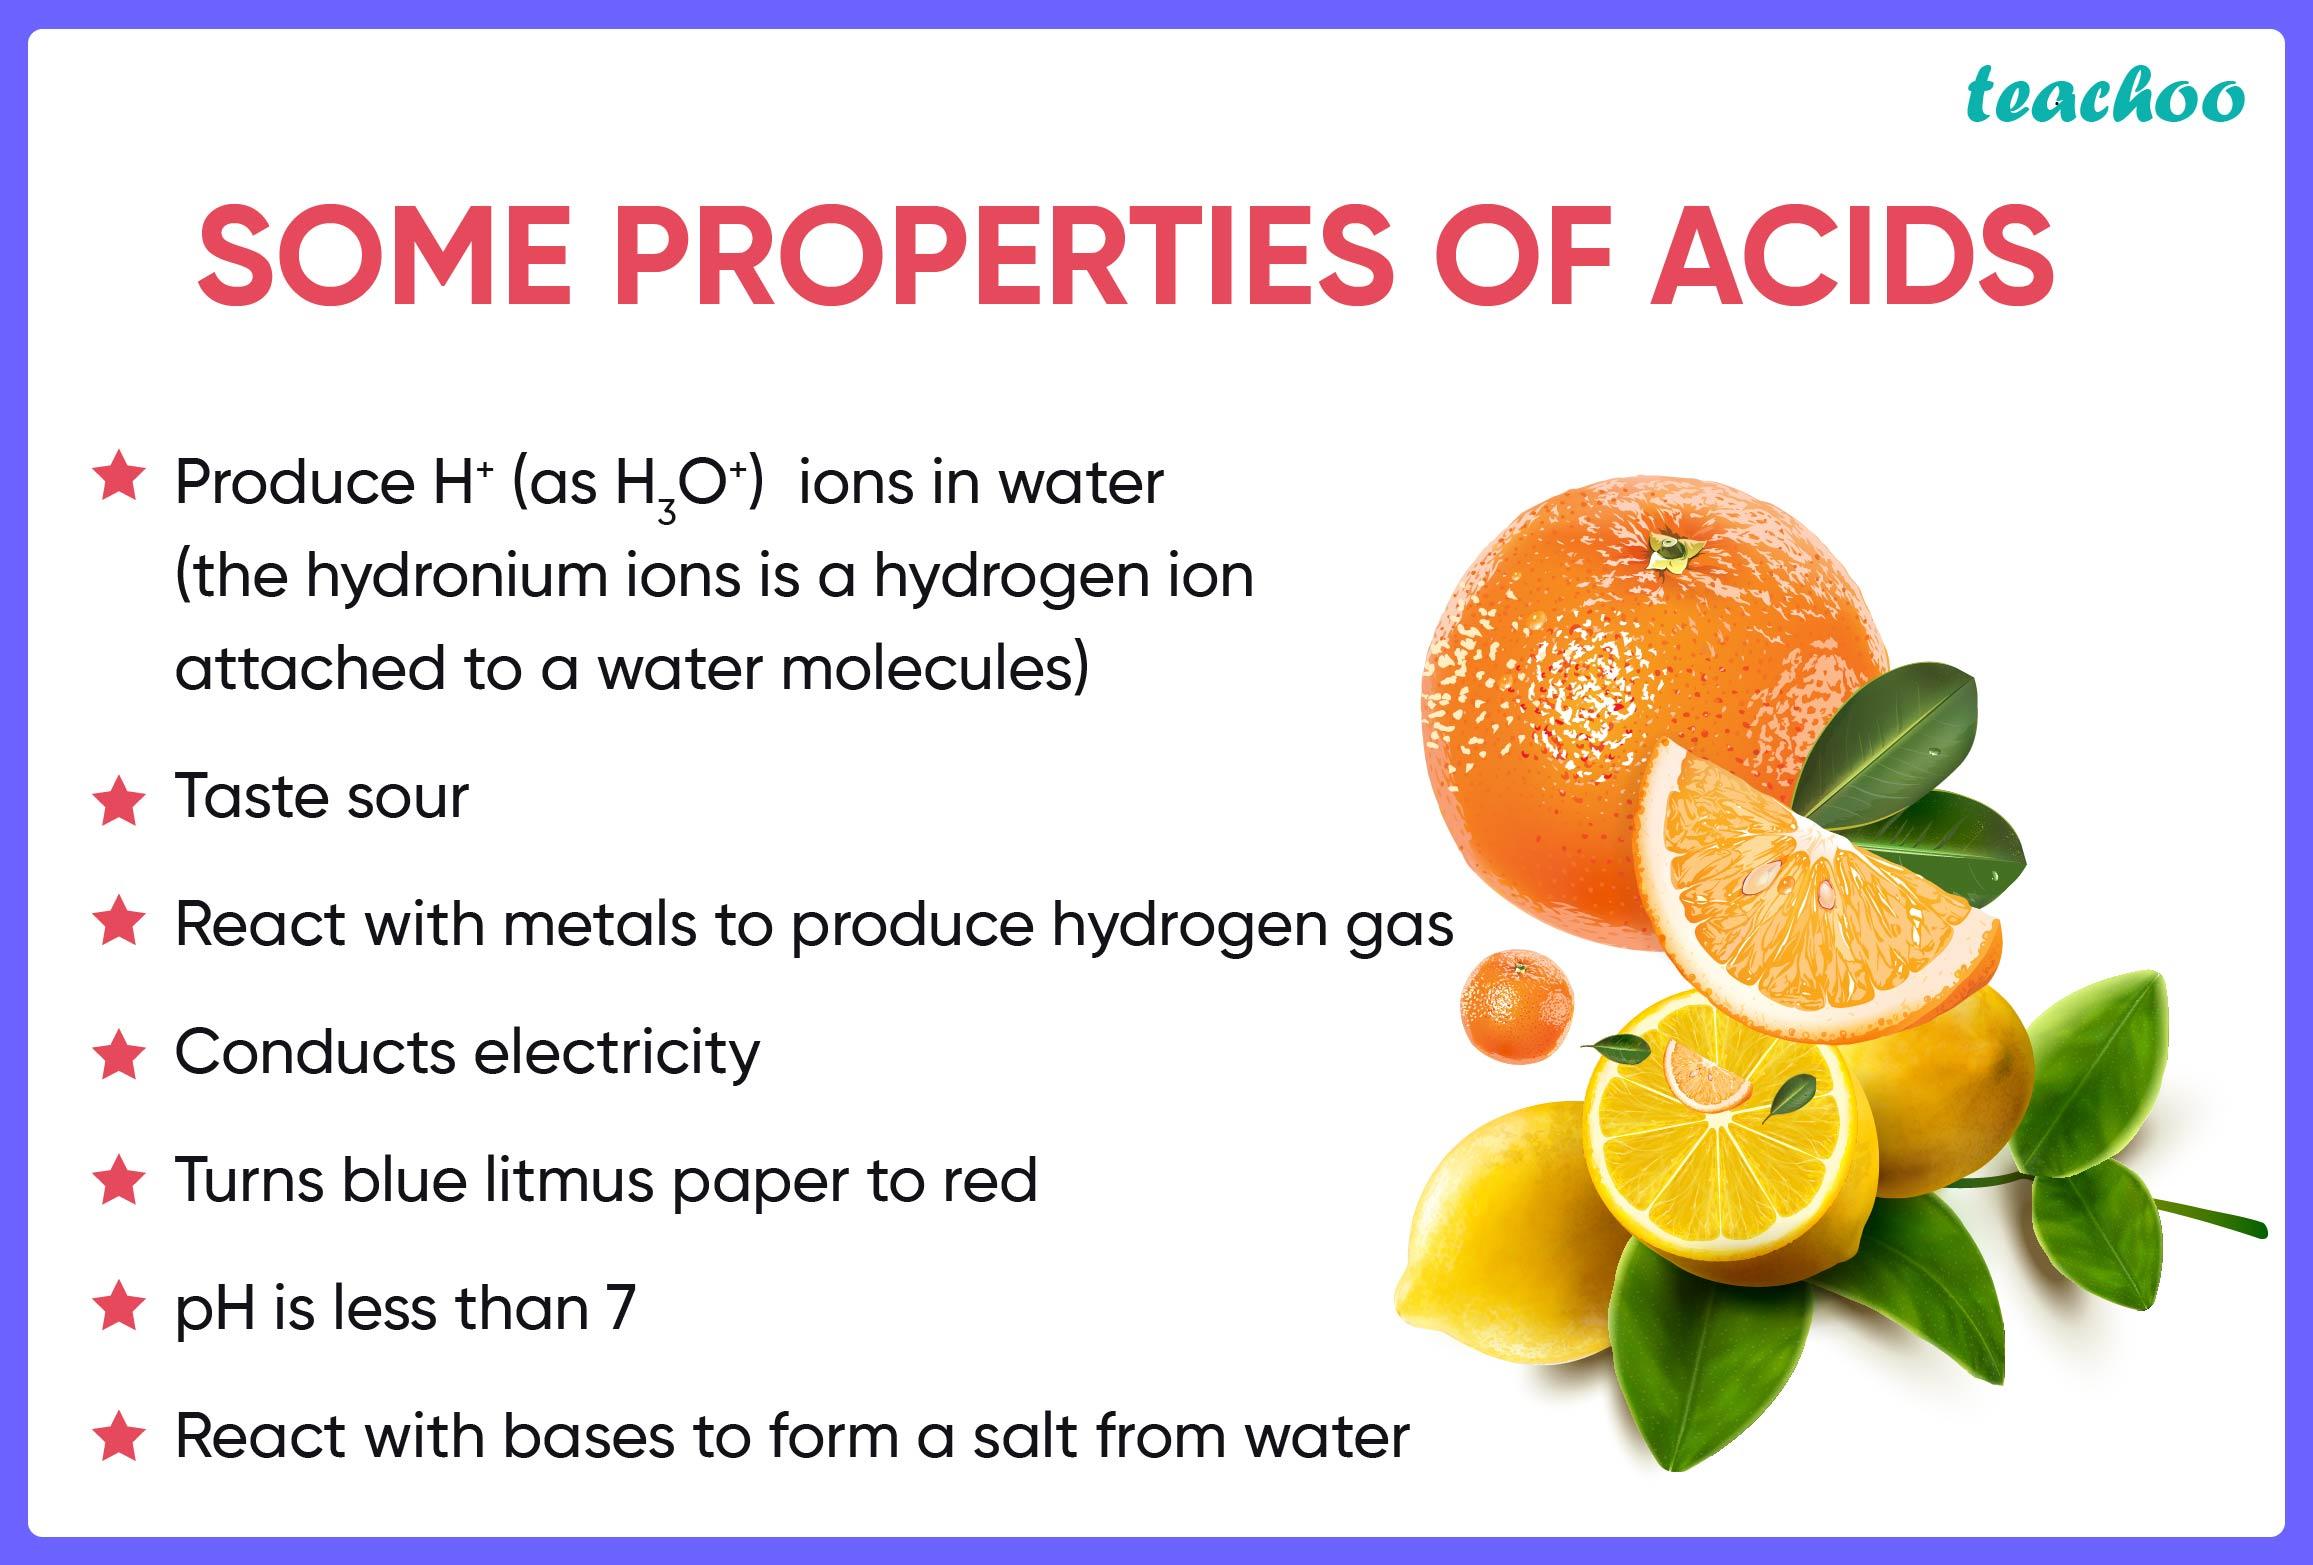 Some Properties of Acids-Teachoo.jpg